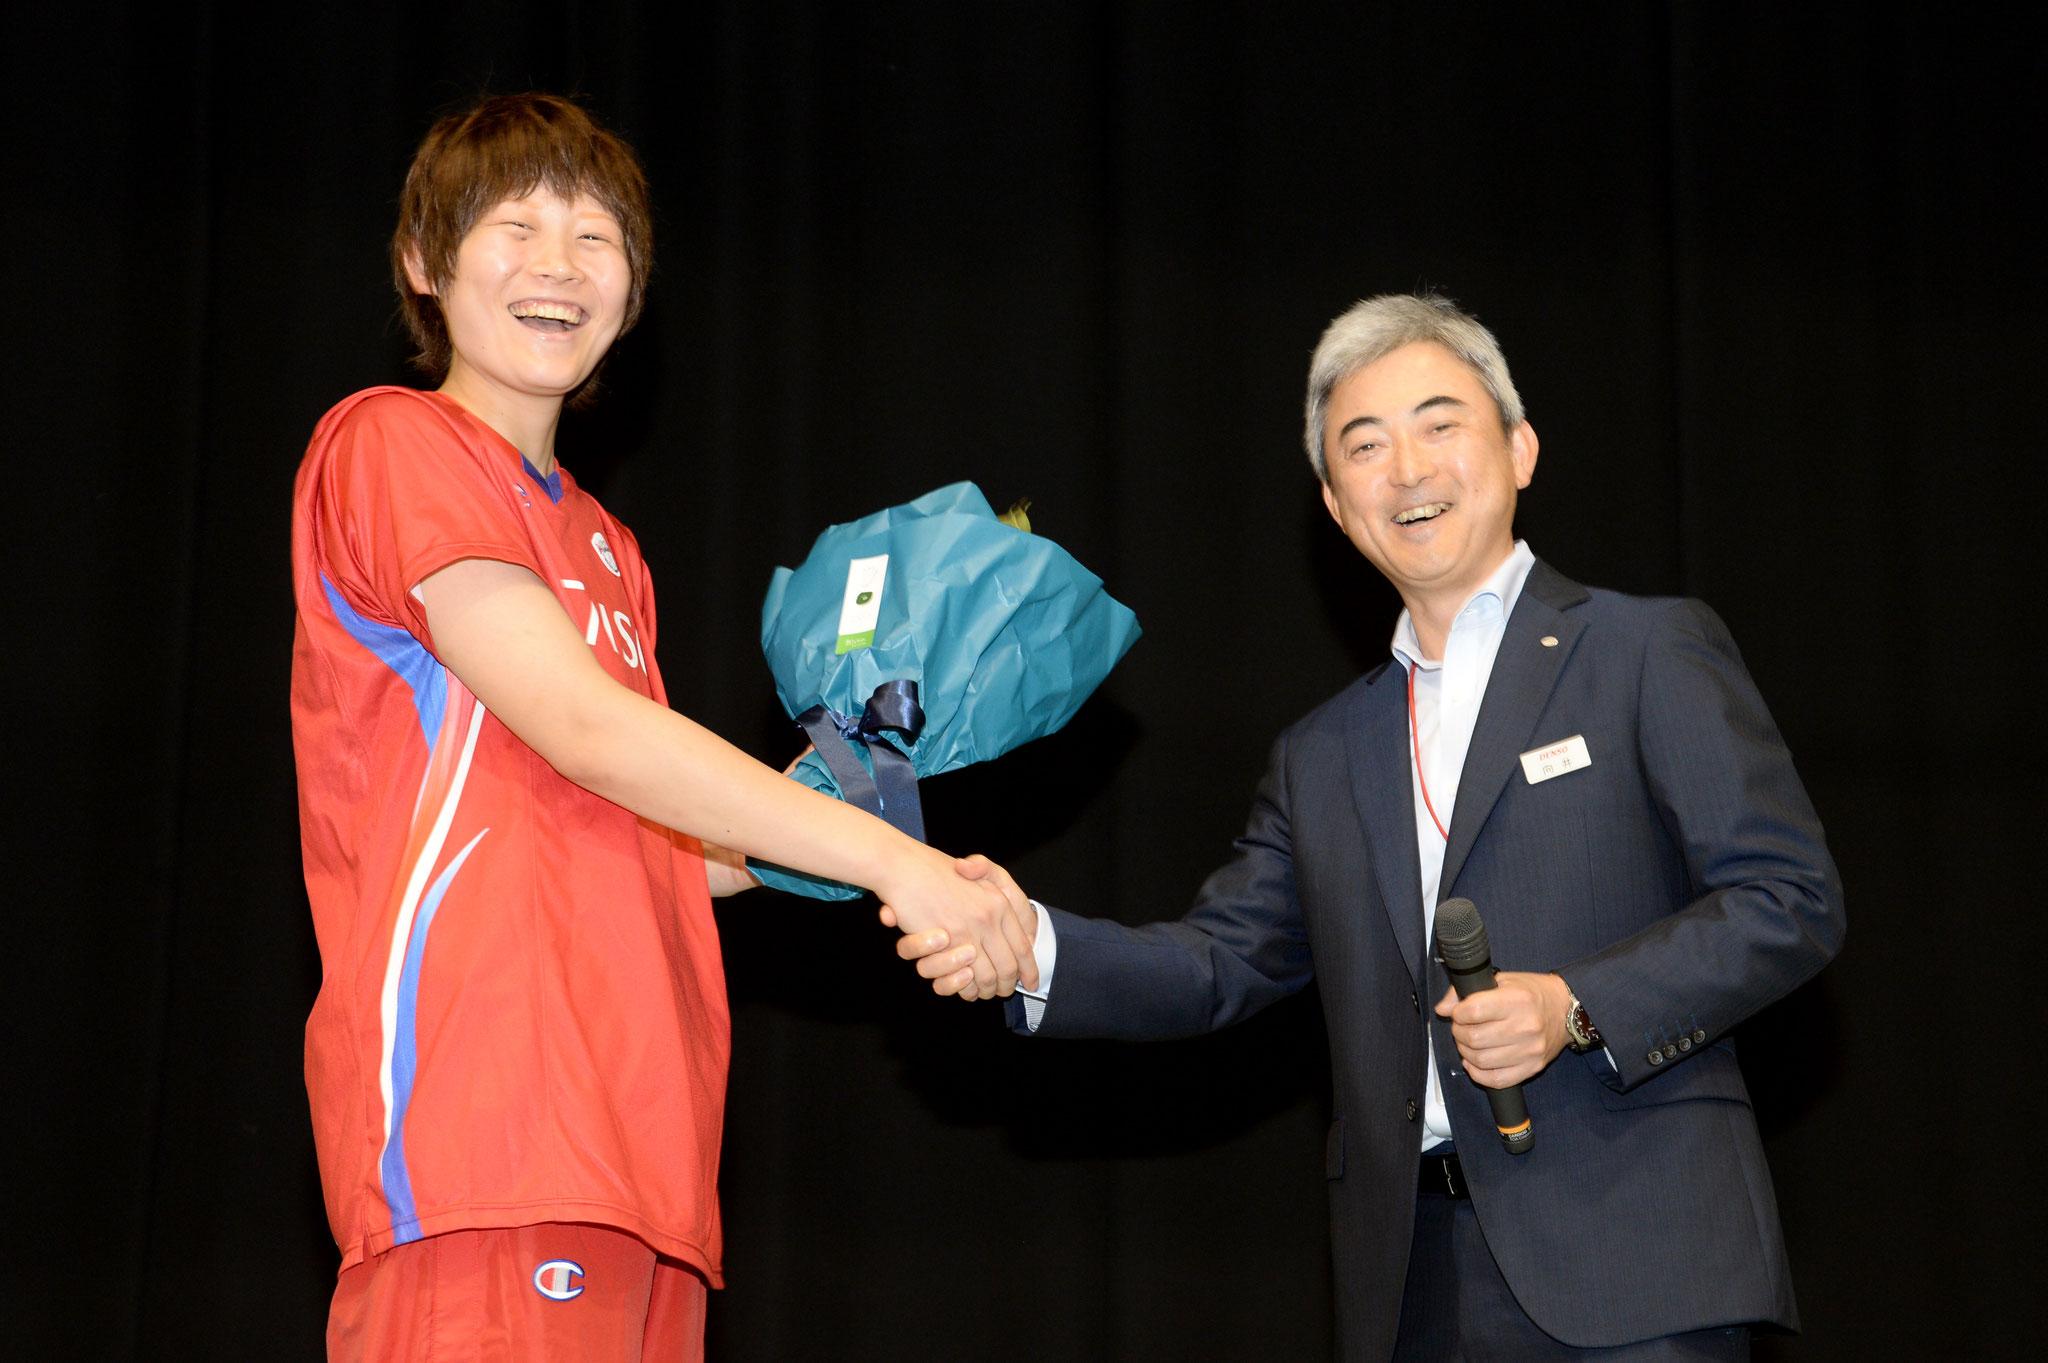 オリンピックの慰労を兼ね花束贈呈(高田真希選手と向井常務役員)